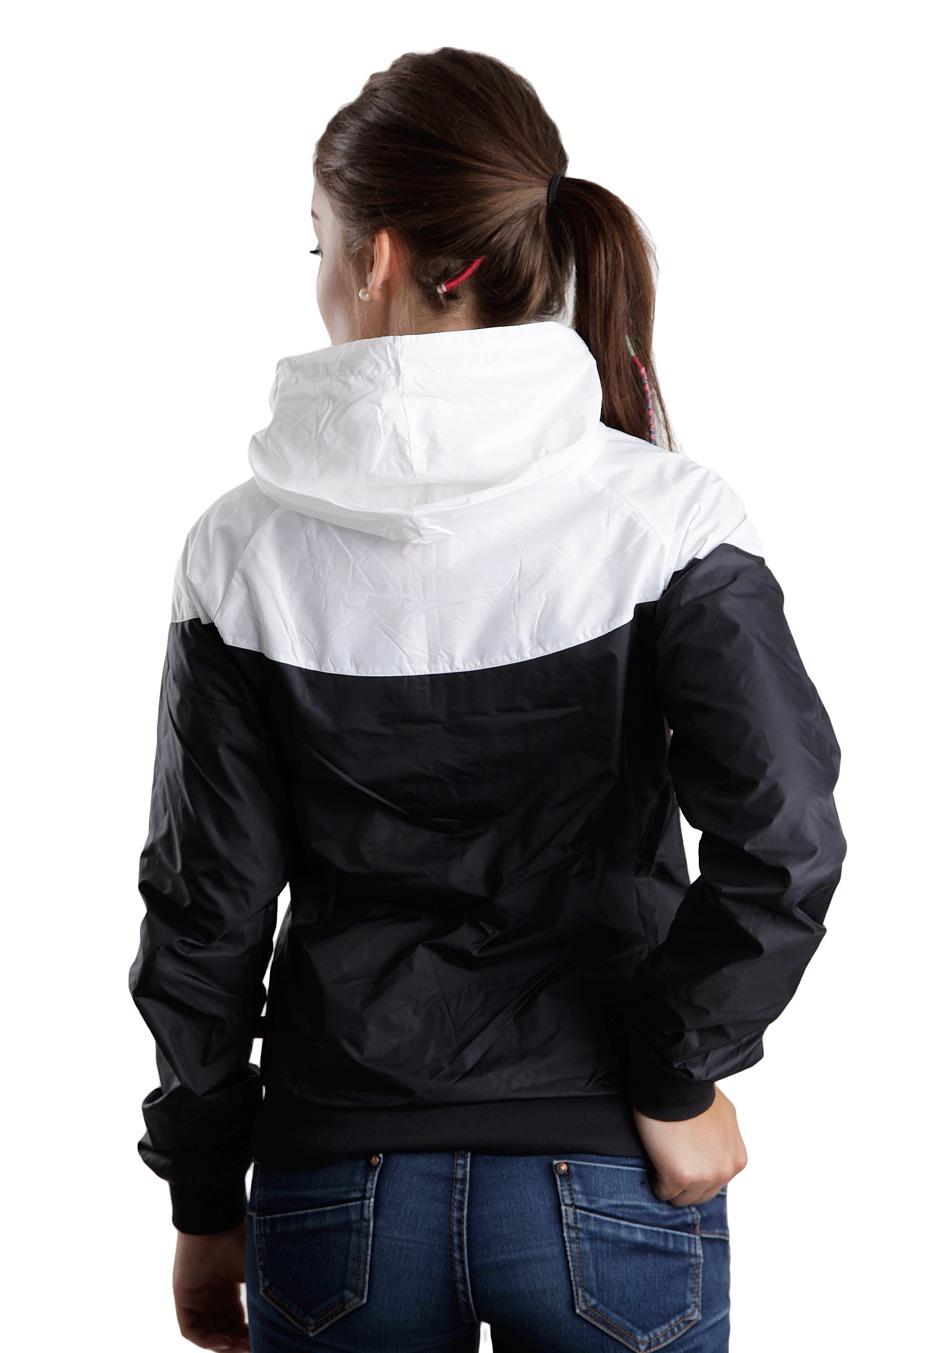 Nike - The Windrunner Black White Black - Girl Jacket - Streetwear ... 2d188b2171